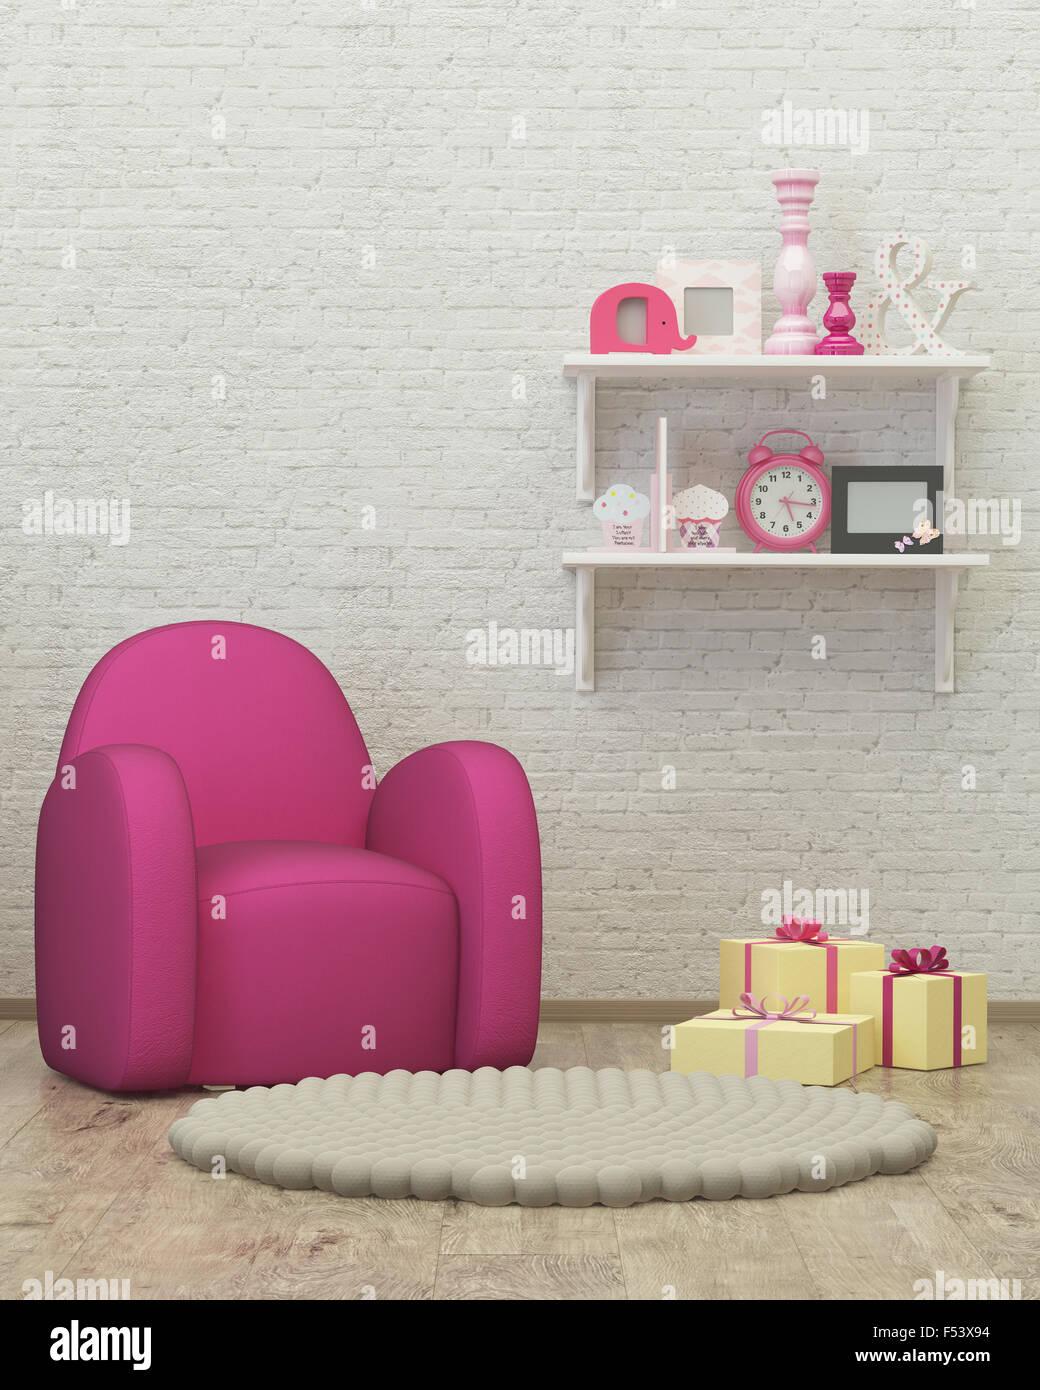 Chambre d'enfant intérieur, l'image de rendu 3d,pouf présente Photo Stock